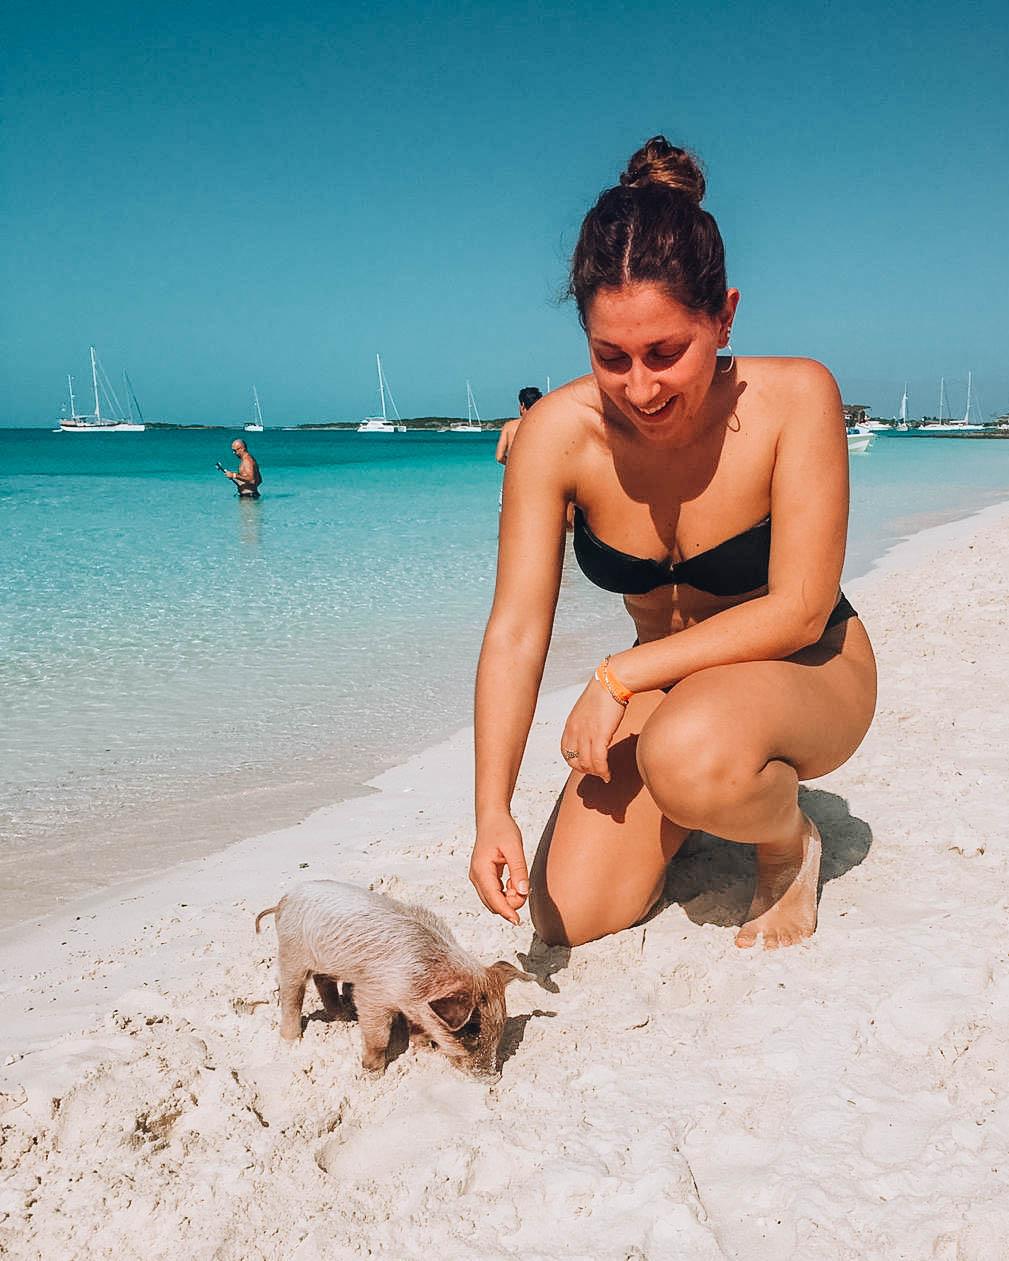 ragazza che accarezza maialino in spiaggia